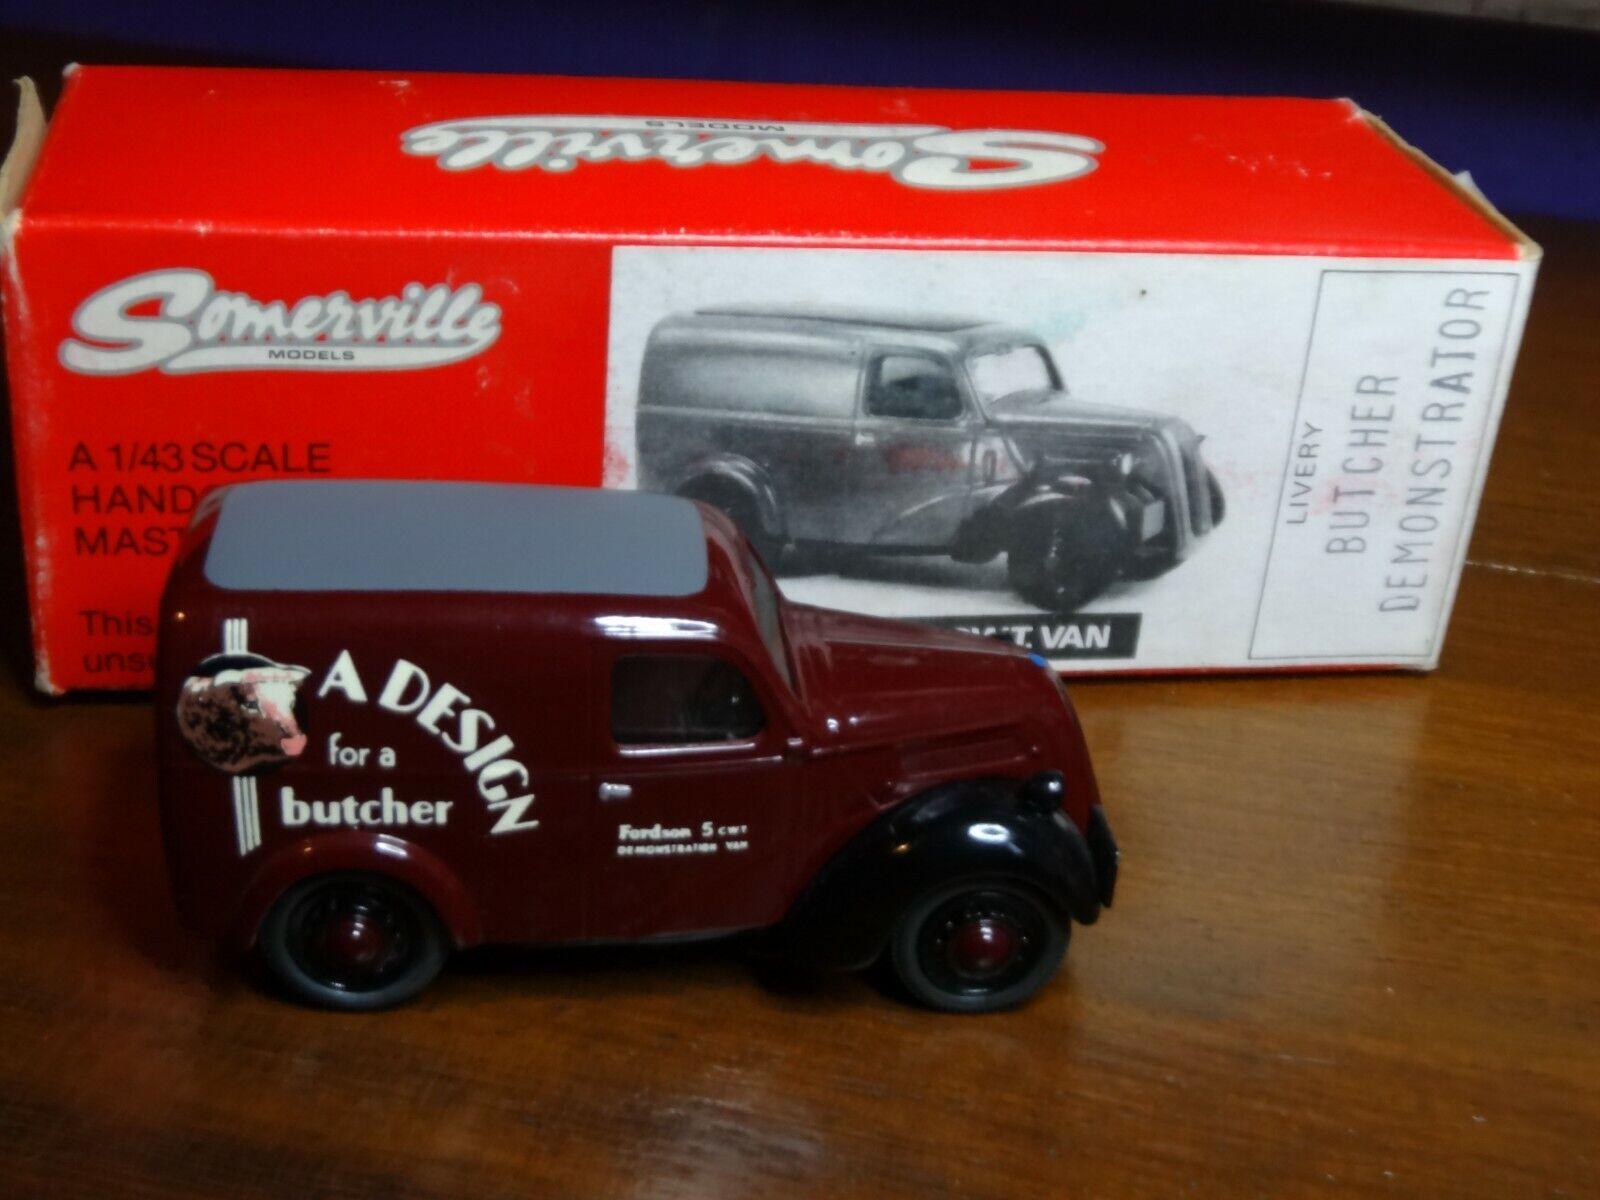 Somerville Models 1 43 Scale 107 - Fordson 5CWT Van - Design For A Butcher